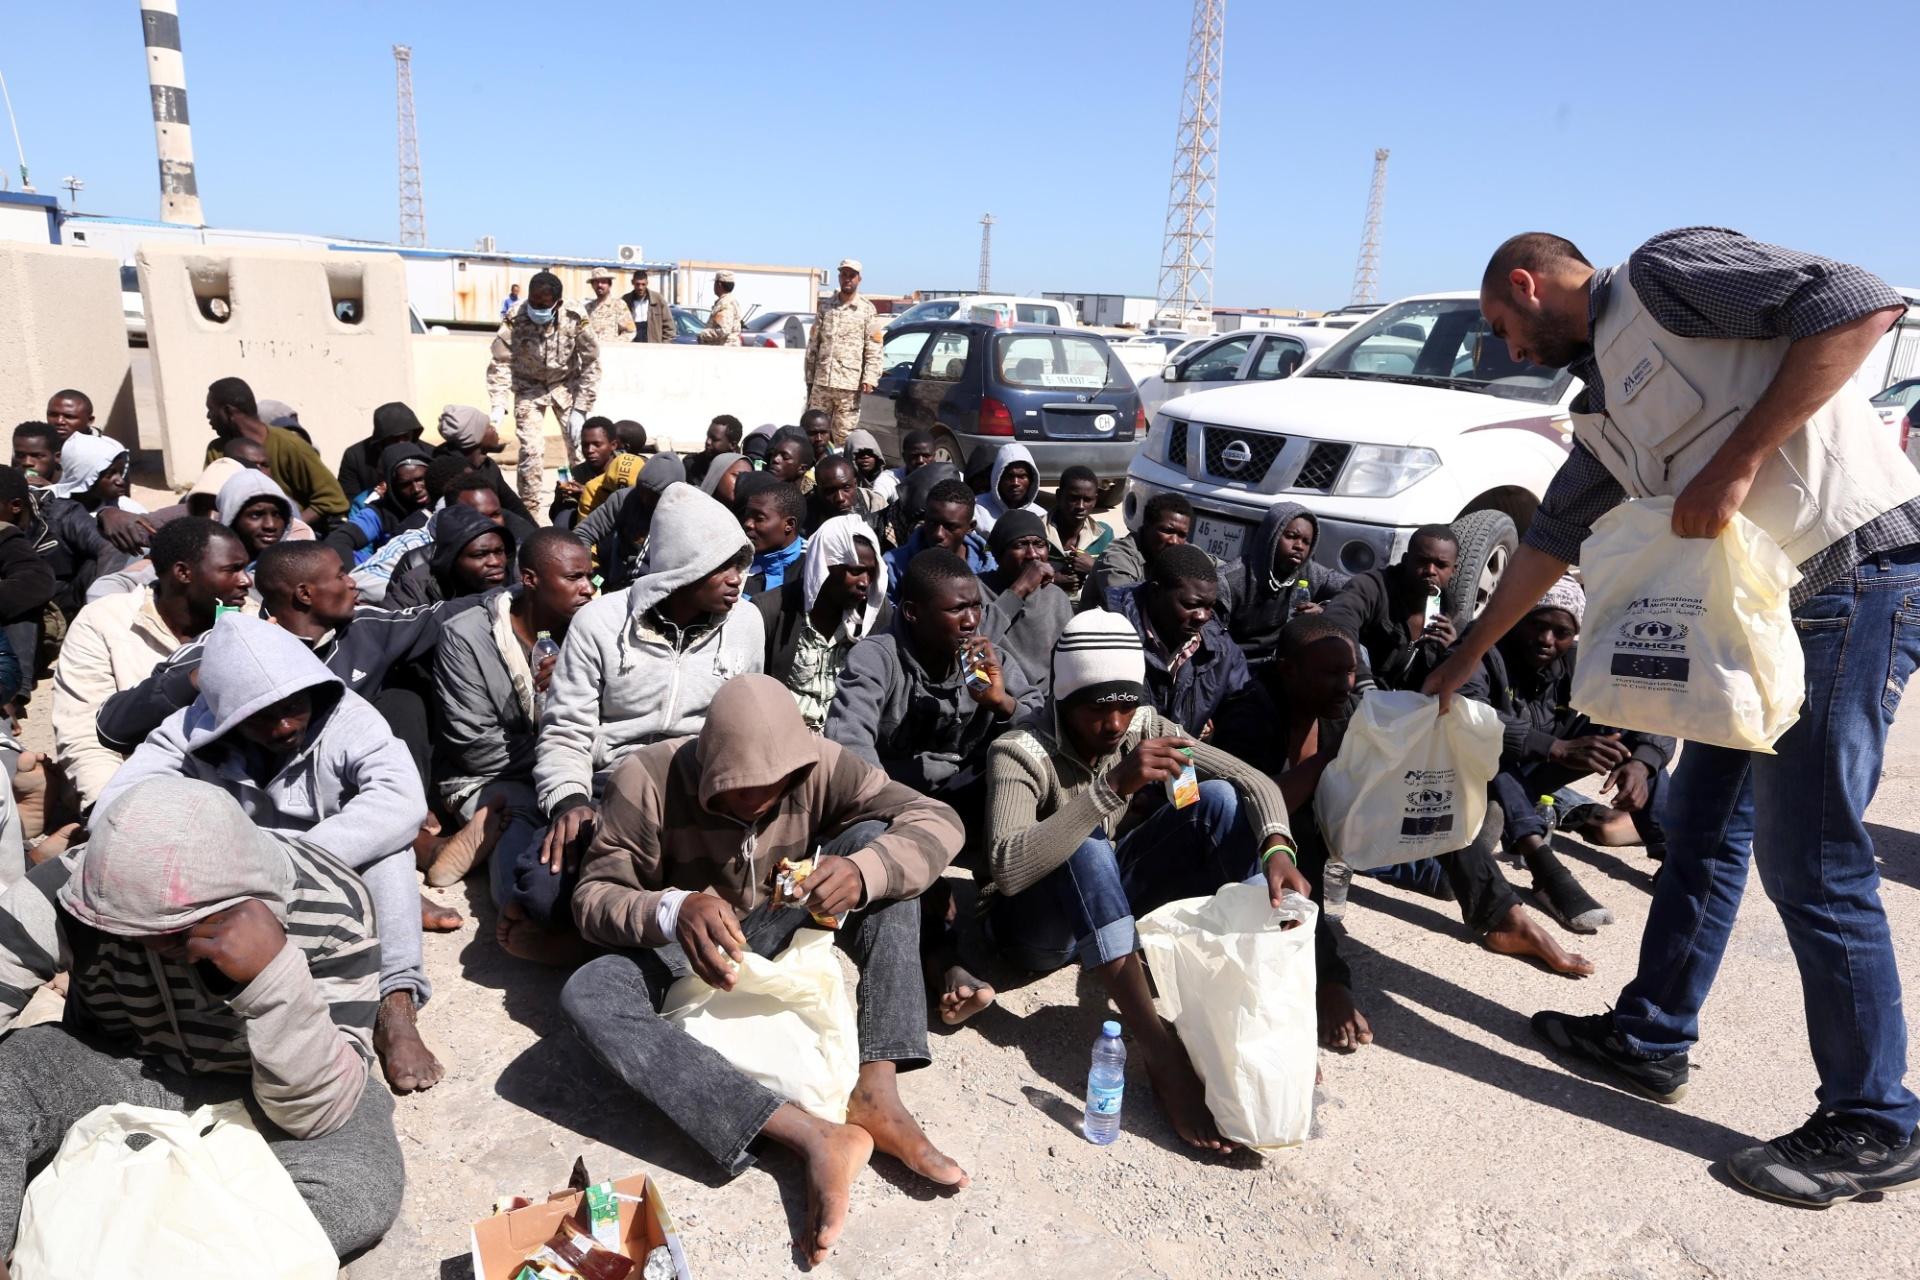 11.abr.2016 - Migrantes ilegais recebem tratamento médico no porto de Trípoli, na Líbia, depois de resgate. Dois barcos em que eles estavam começaram a afundar na costa do país. Cerca de 115 pessoas de origem africana foram resgatadas